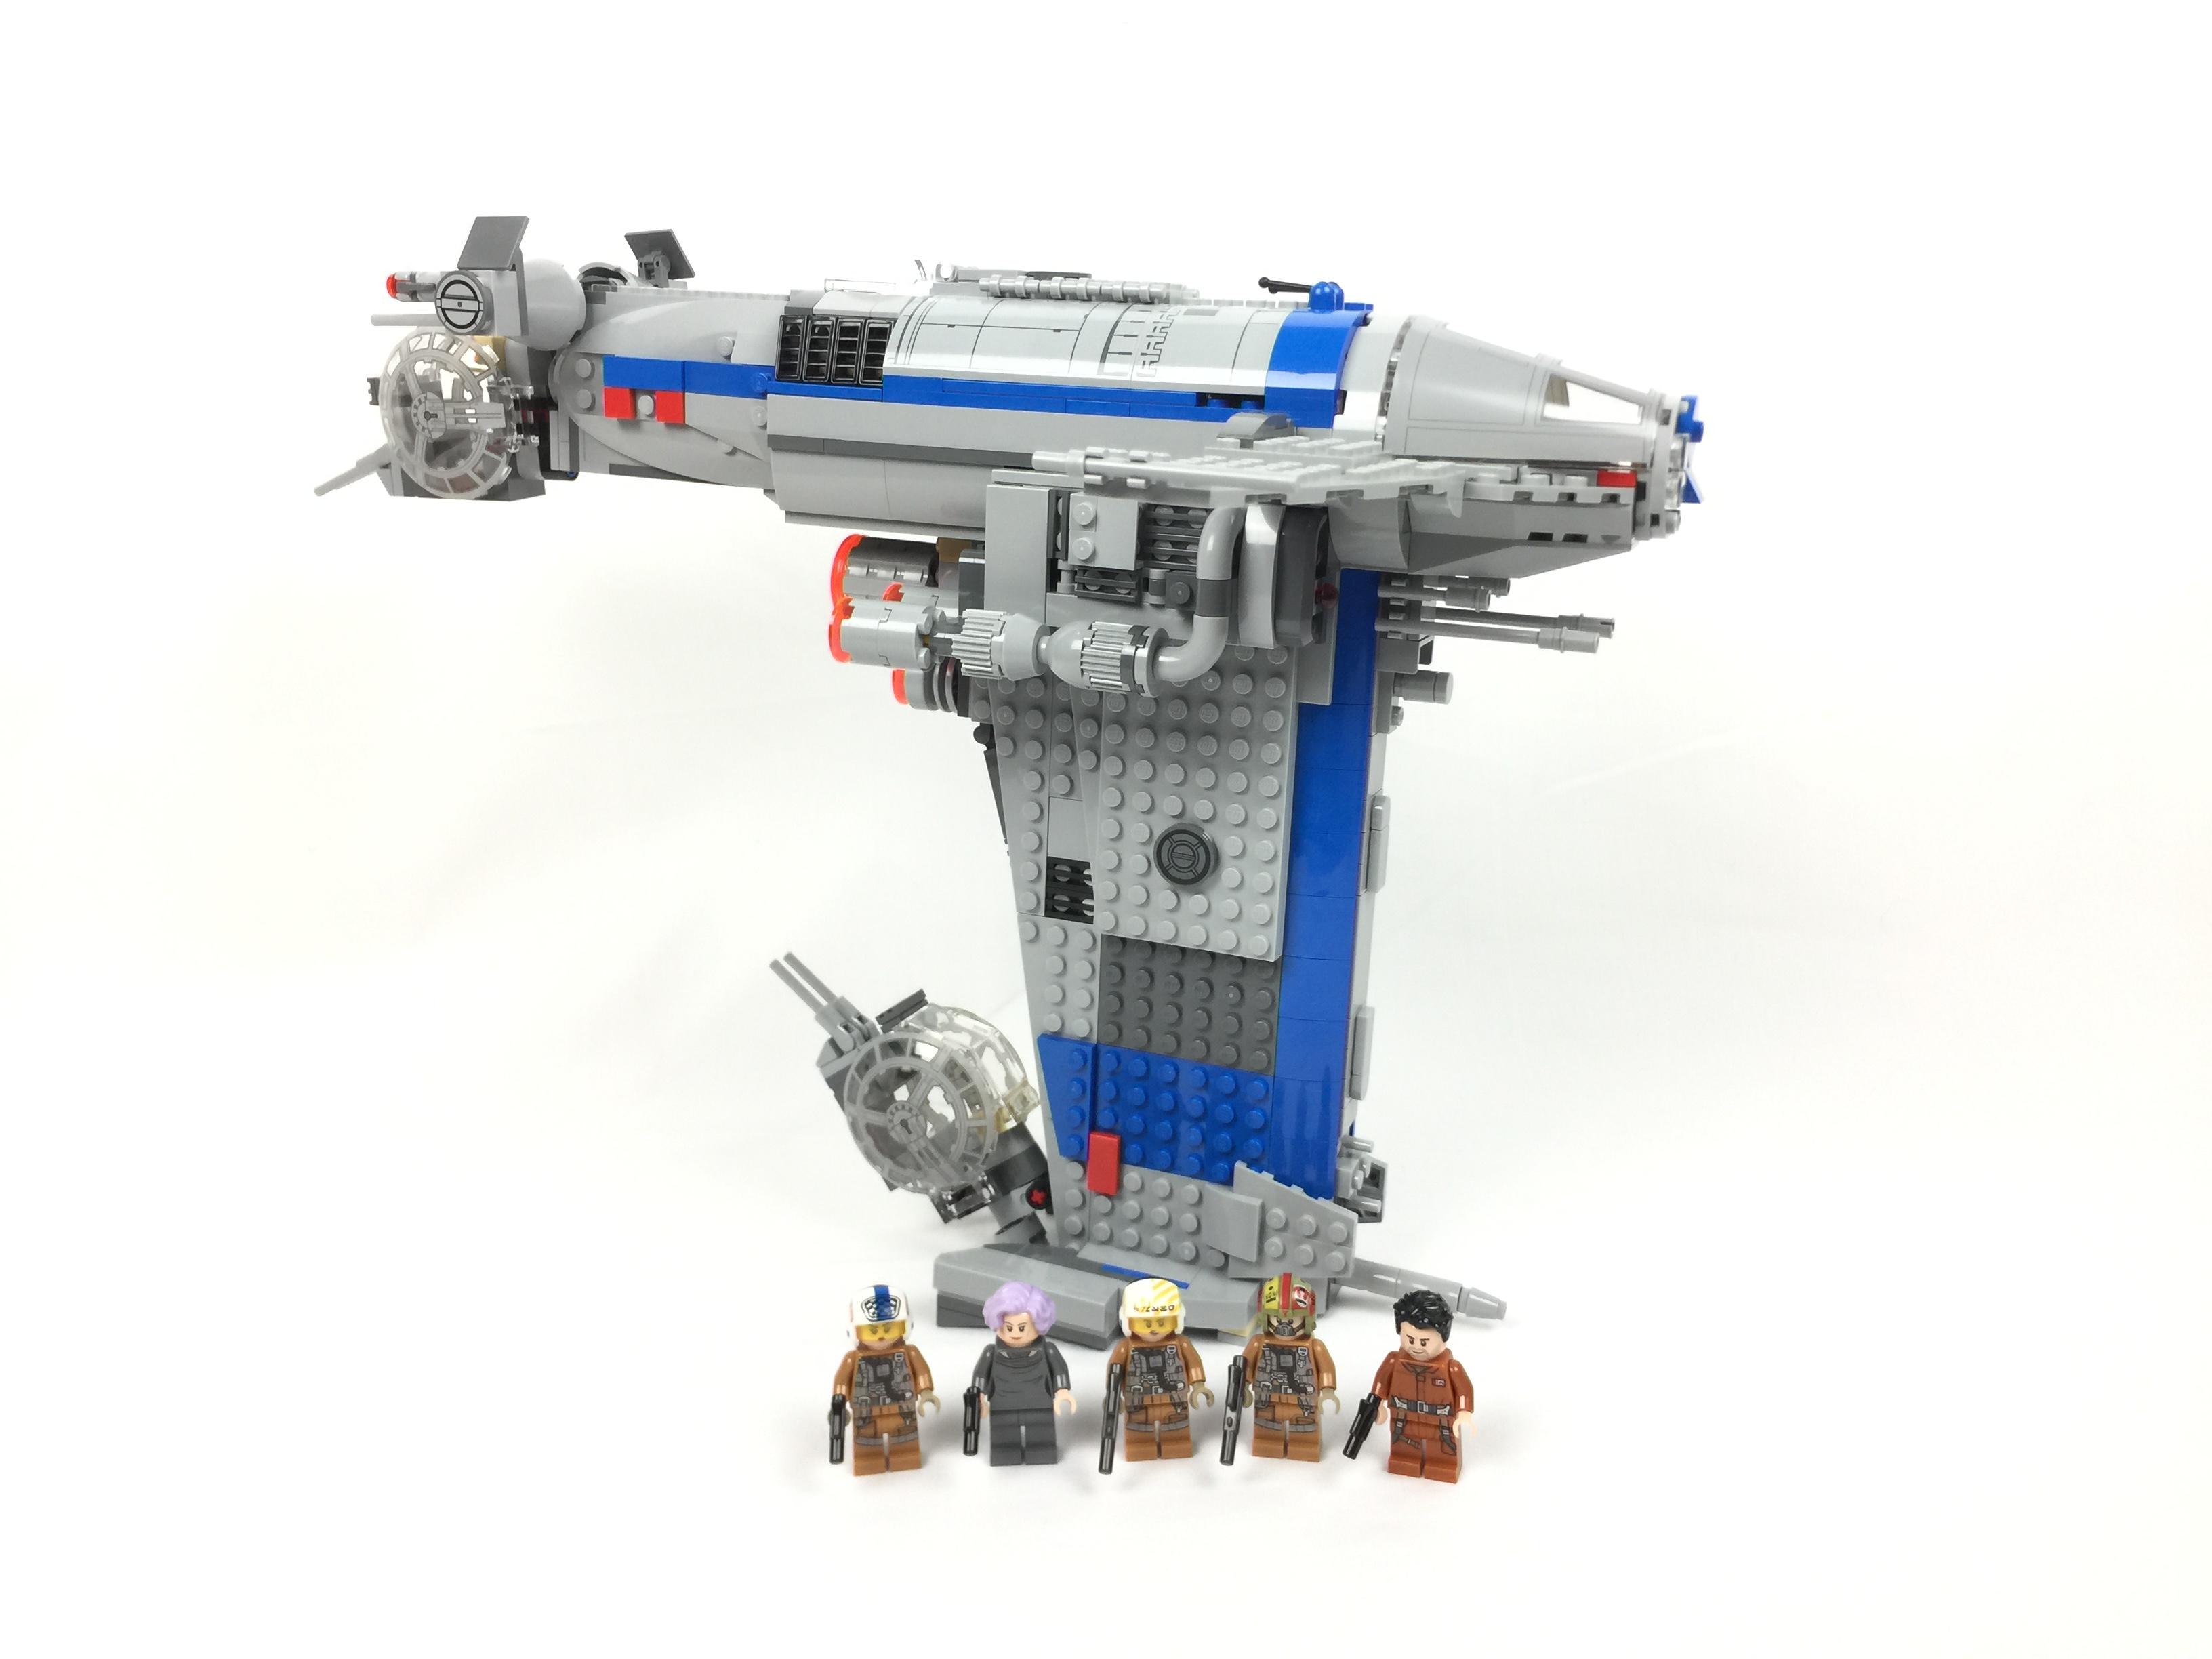 Amortisseur LEGO Shock Absorber 2909 Set 8838 8422 8858 6919 8291 8051 8446...